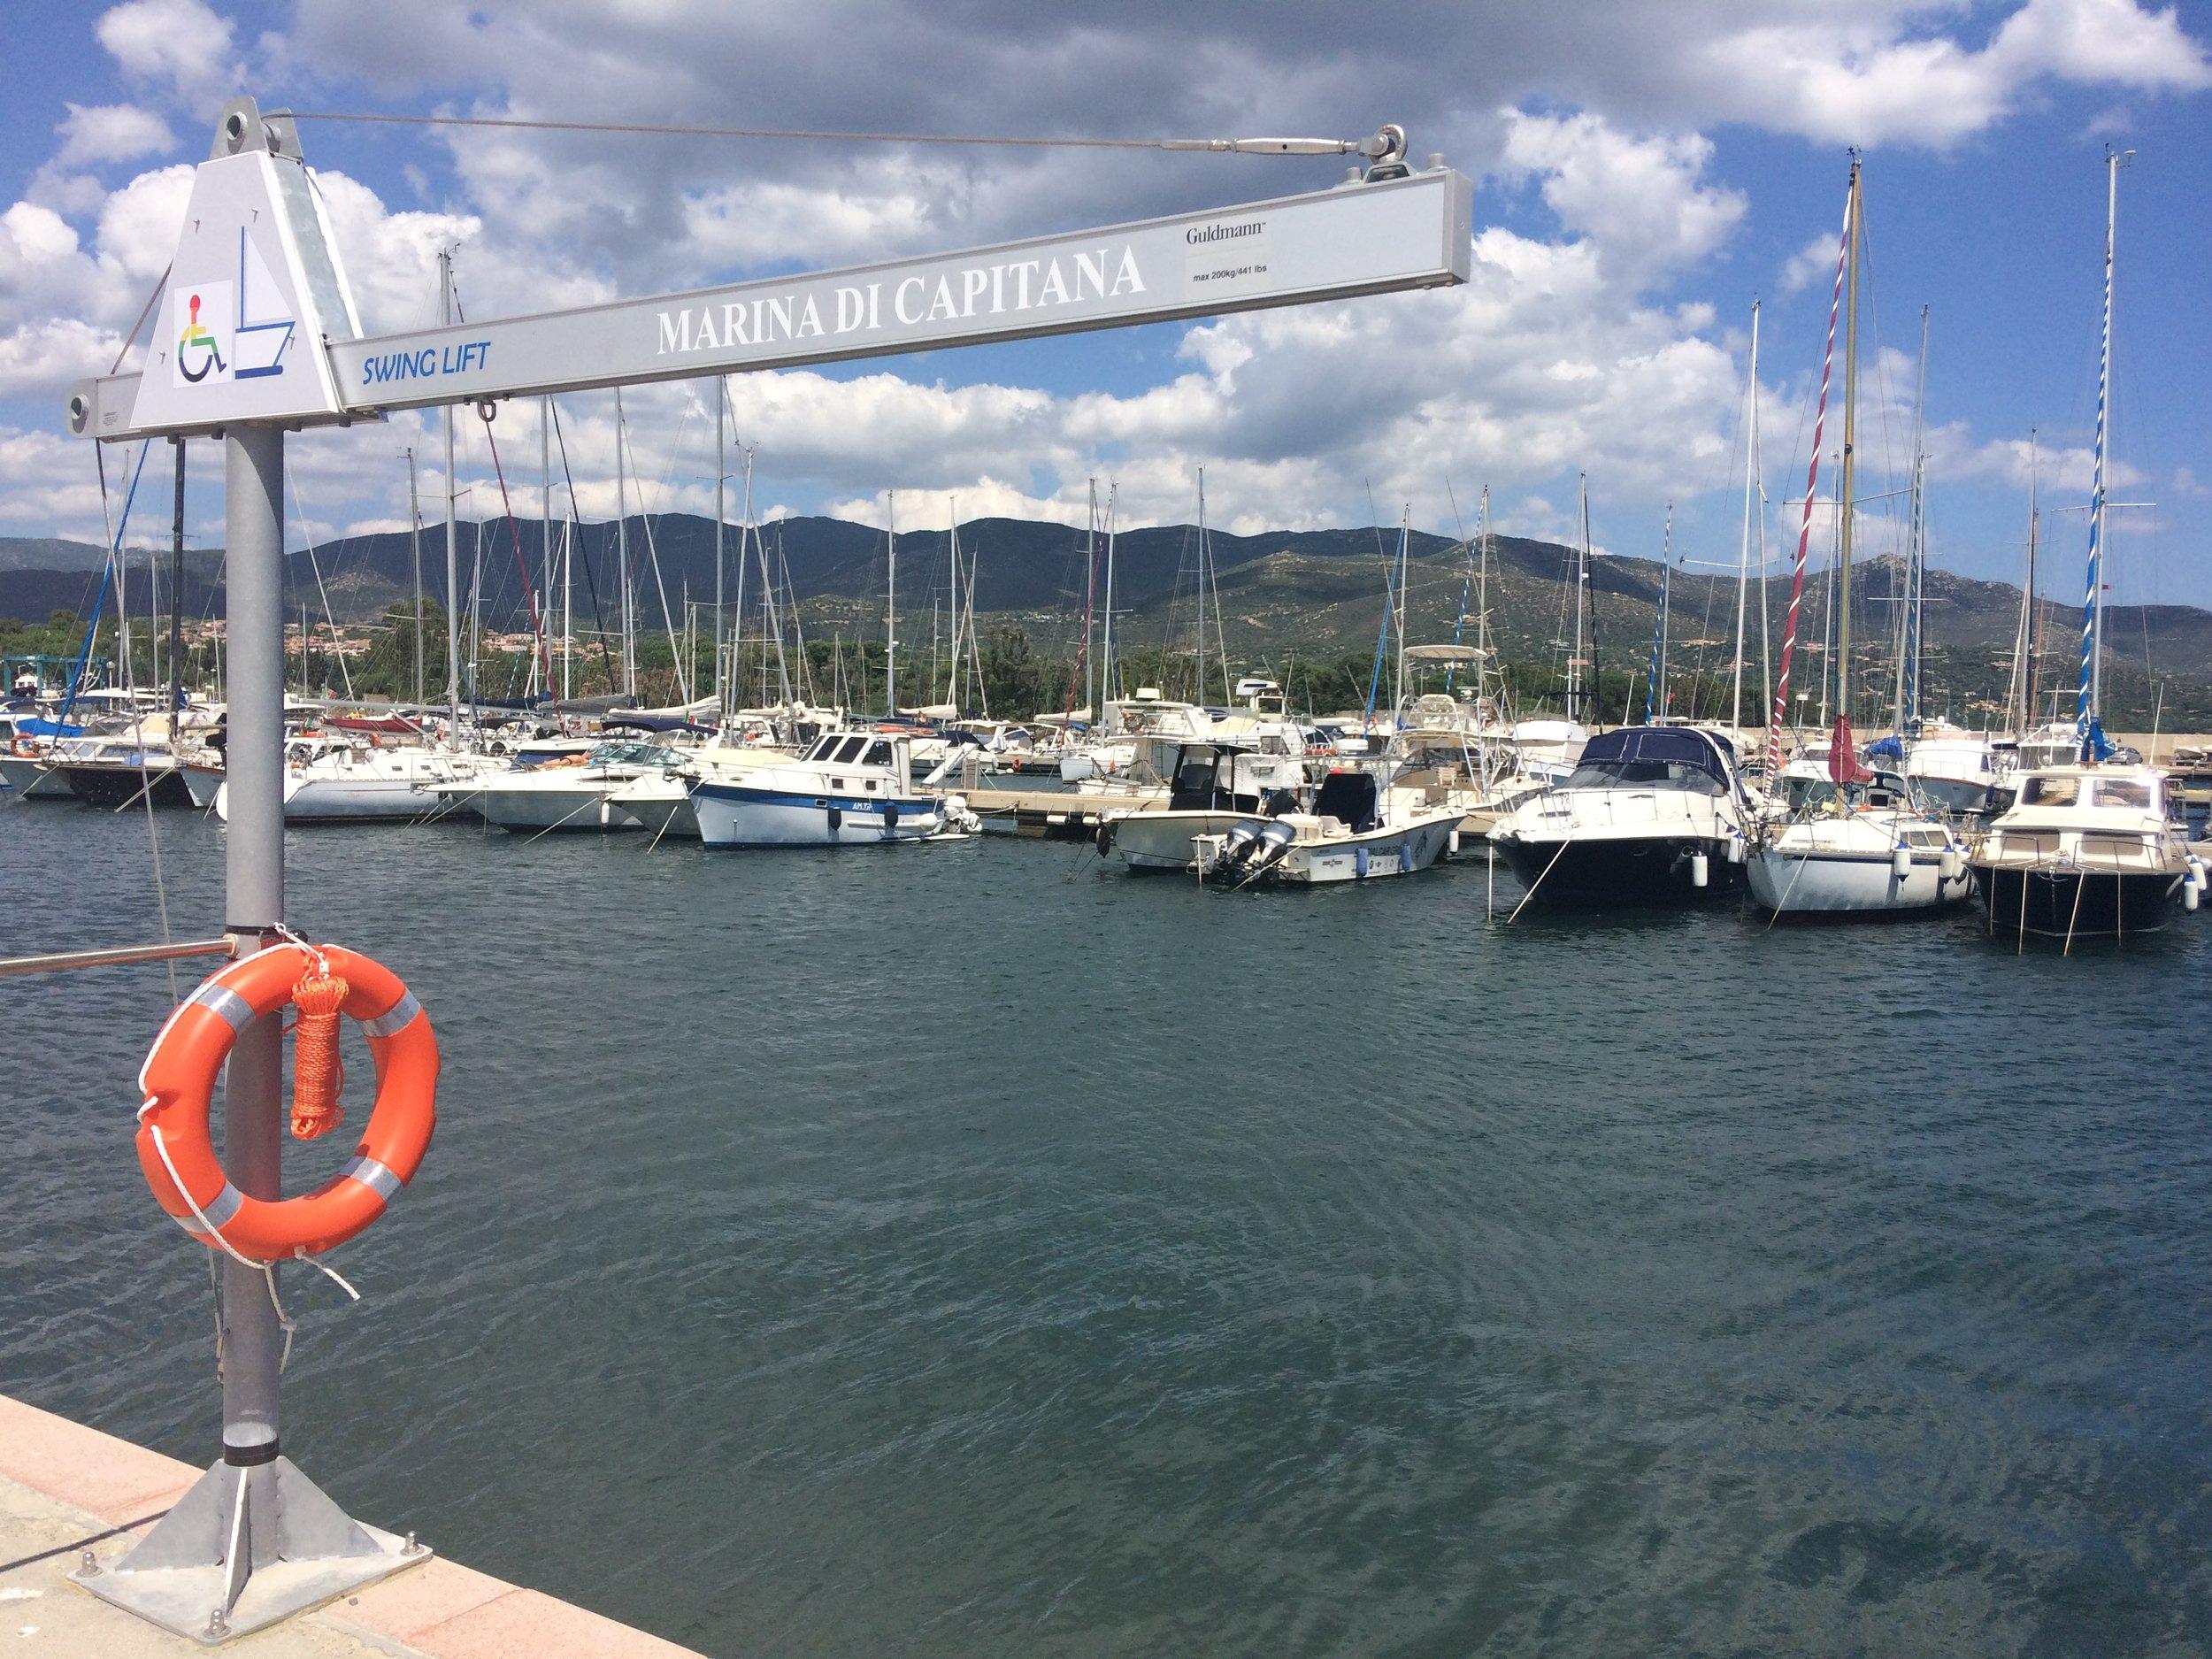 Swing Lift Marina di Capitana 2